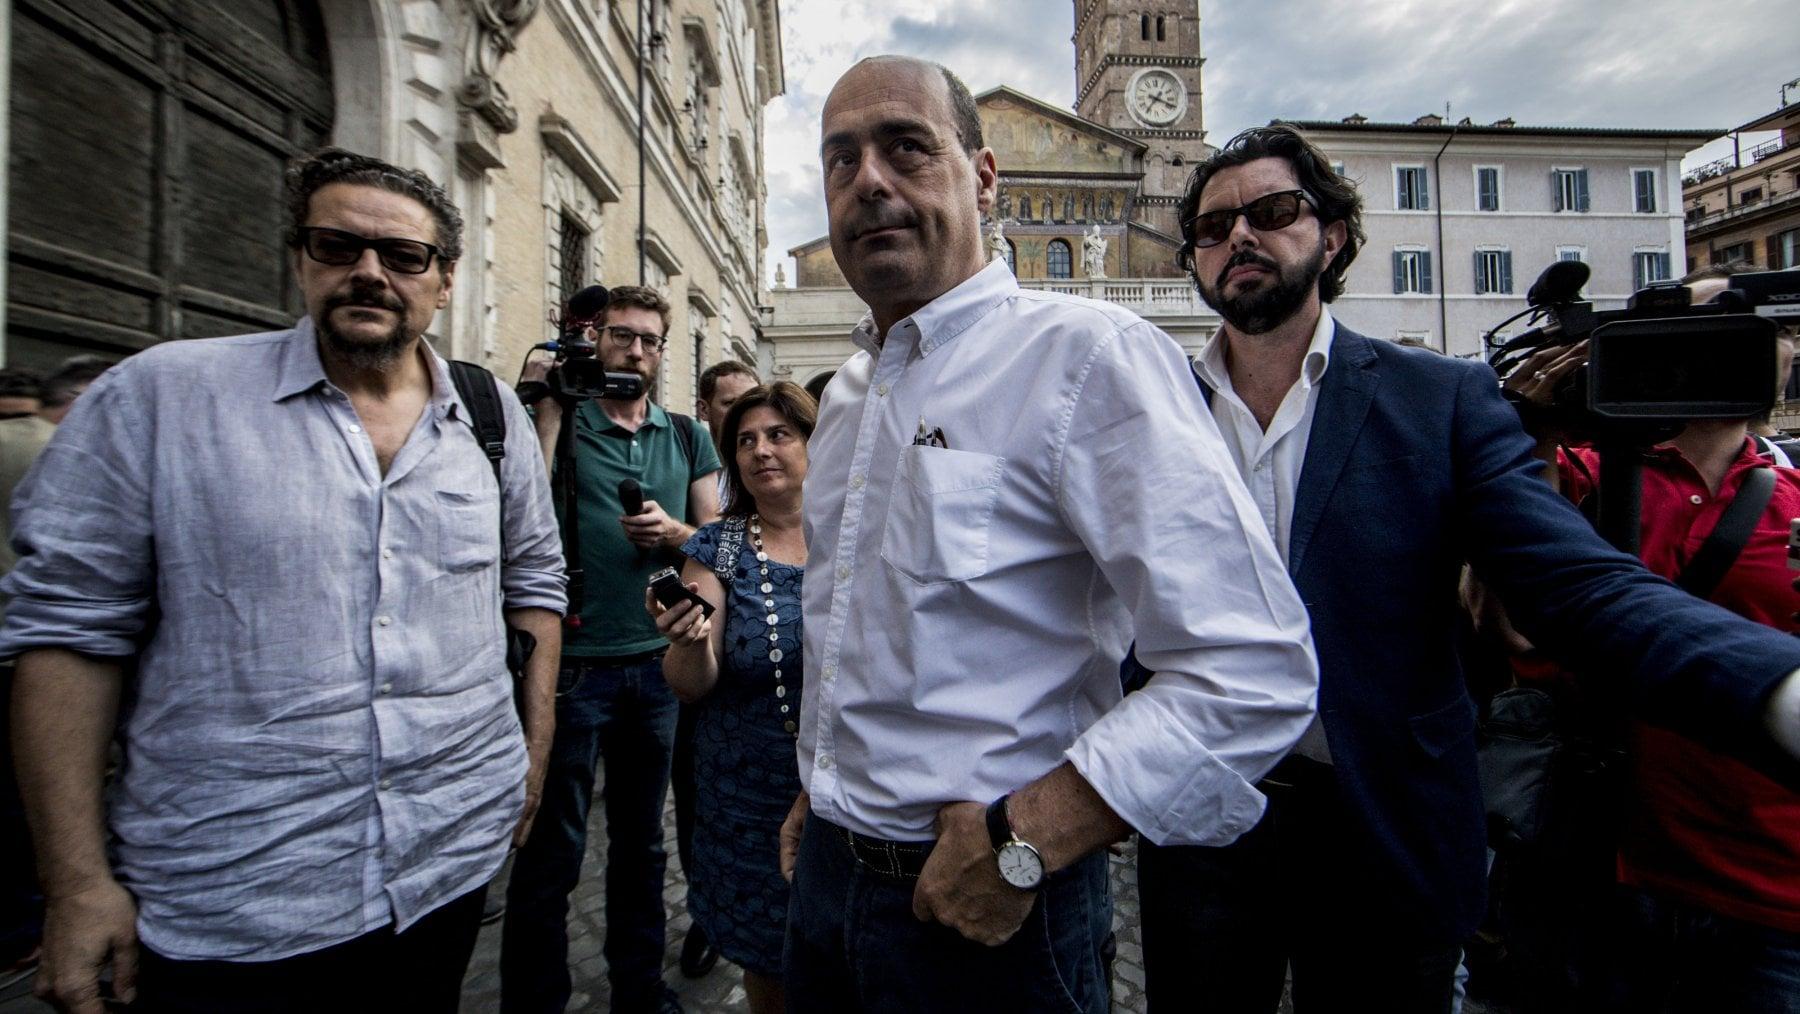 ROMA. Per ora, nel Pd, Nicola Zingaretti è l'unico candidato ufficiale alle prossime primarie. Non si sa ancora quando avverranno, con quali modalità, se l'attuale segretario Maurizio Martina parteciperà, ma […]